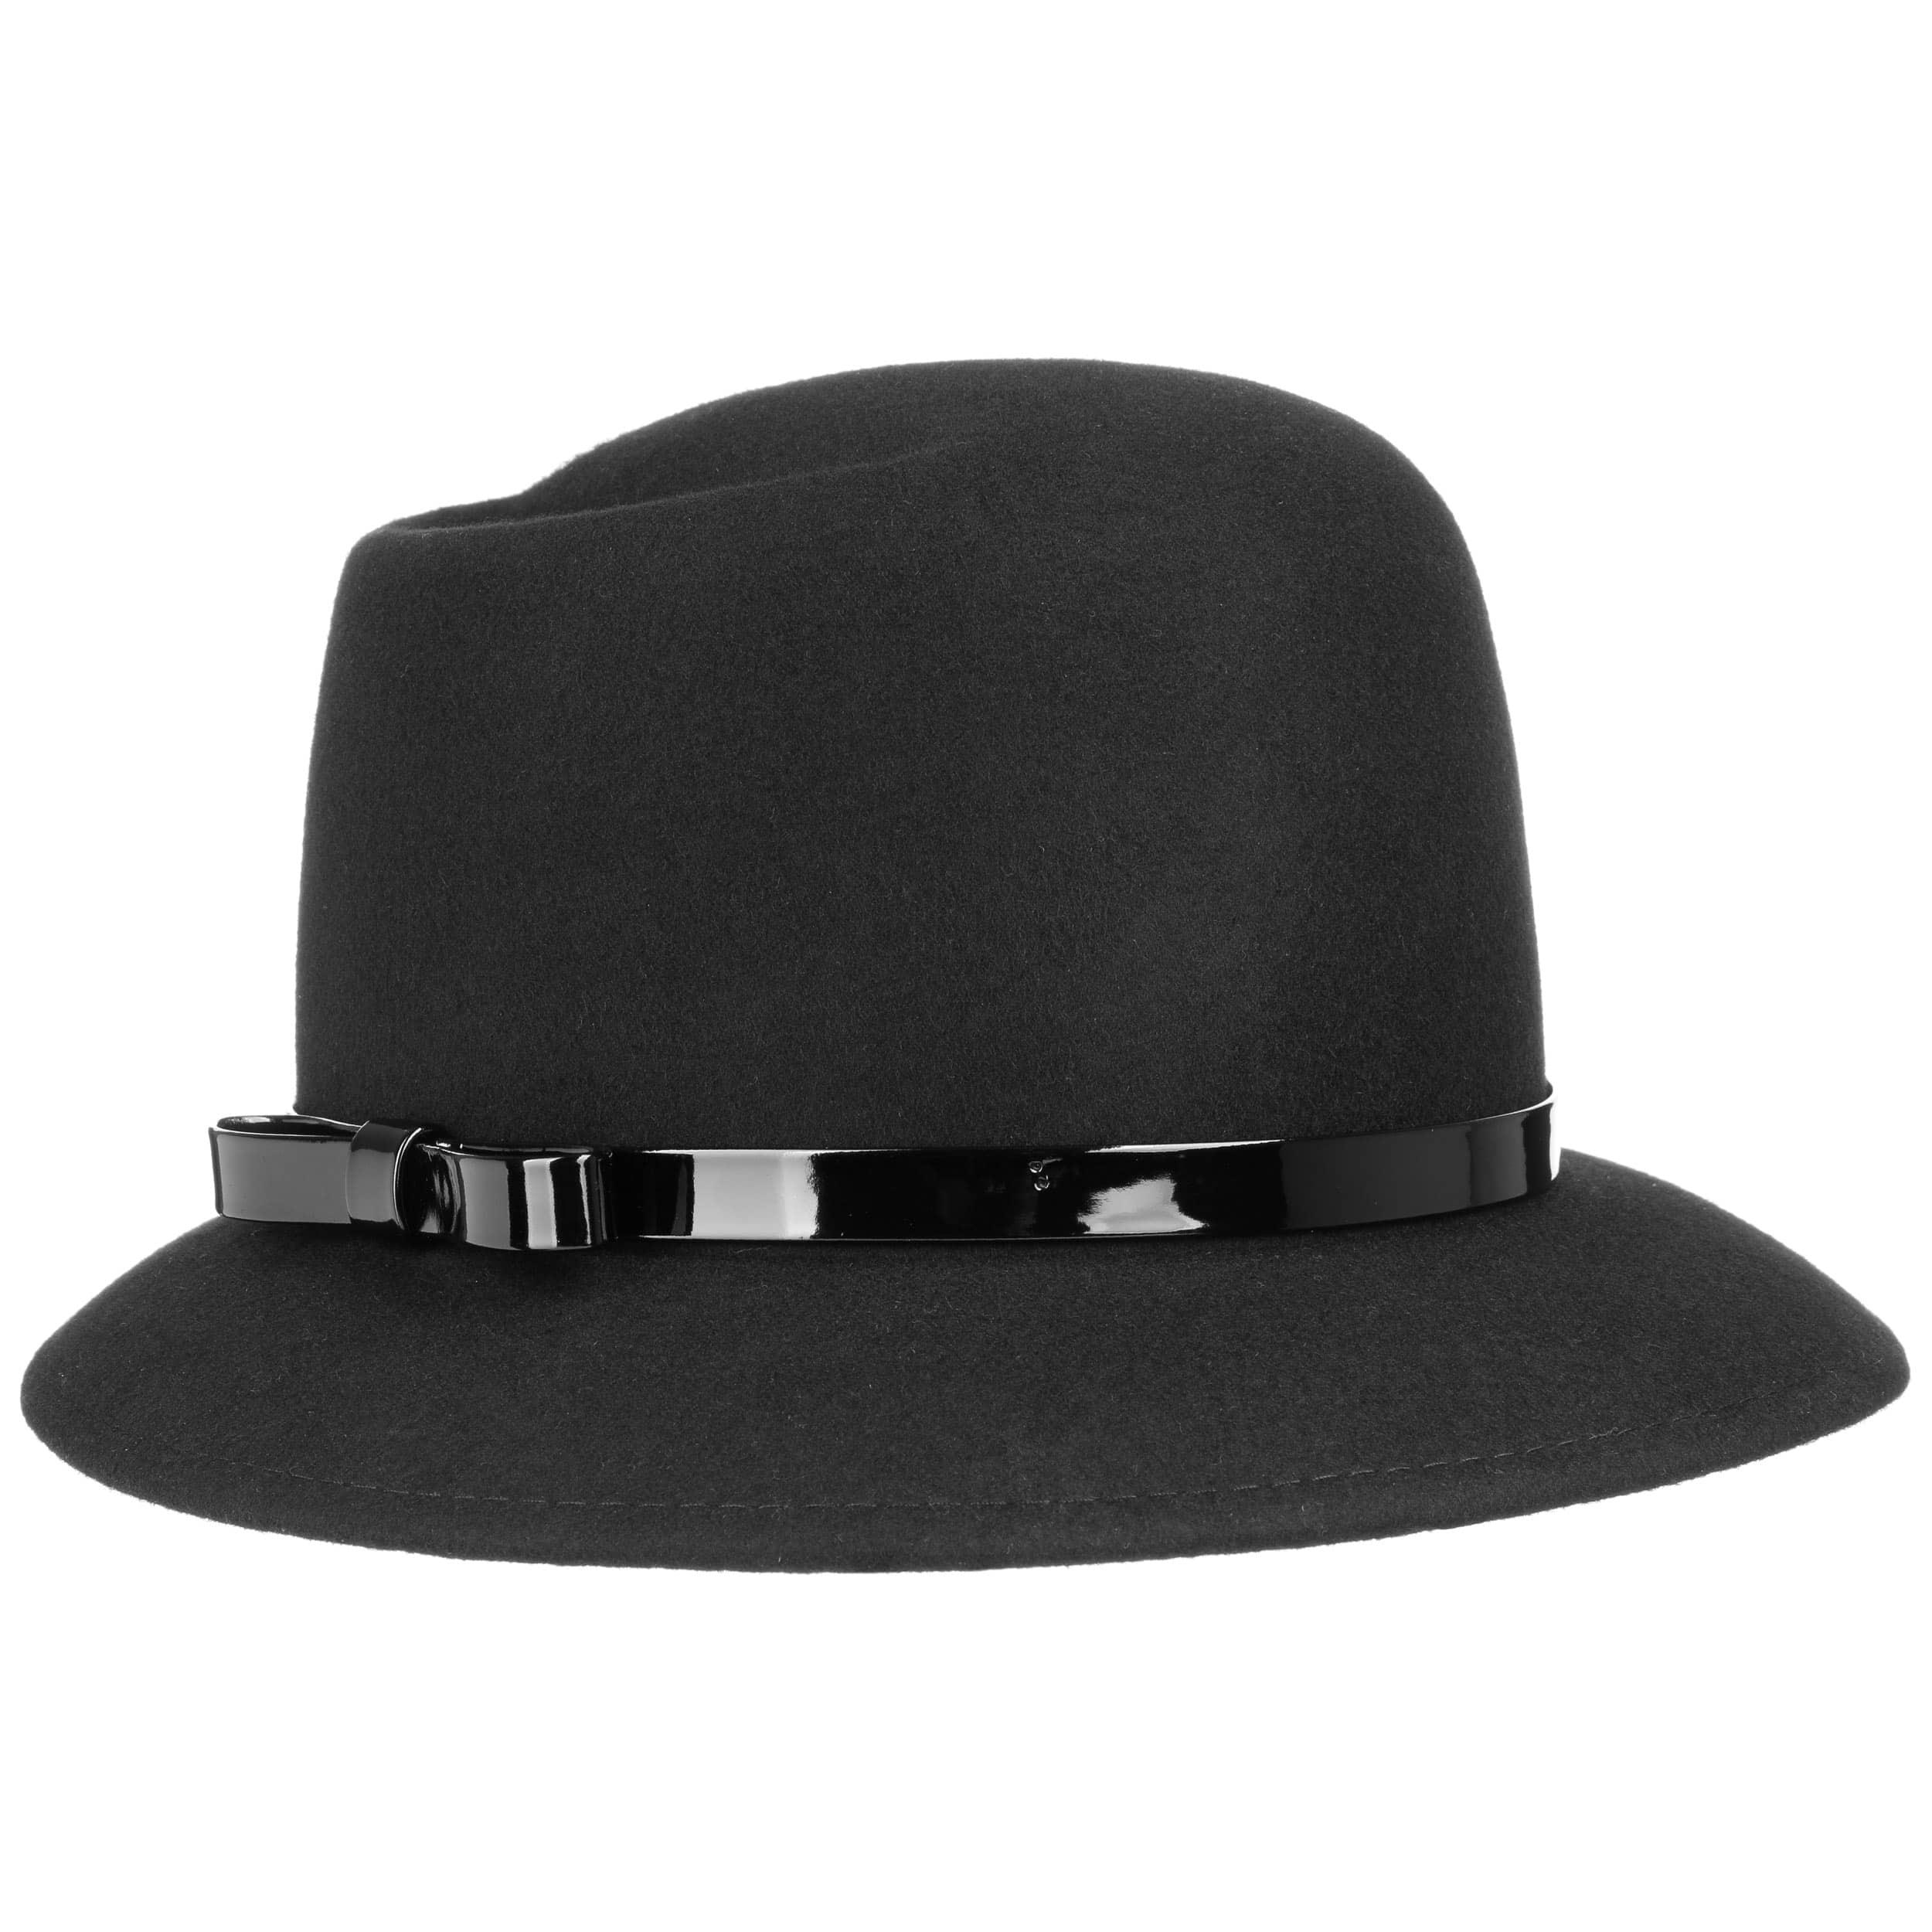 5e51e0920fdd8 Malita Wool Felt Cloche Hat by Lipodo